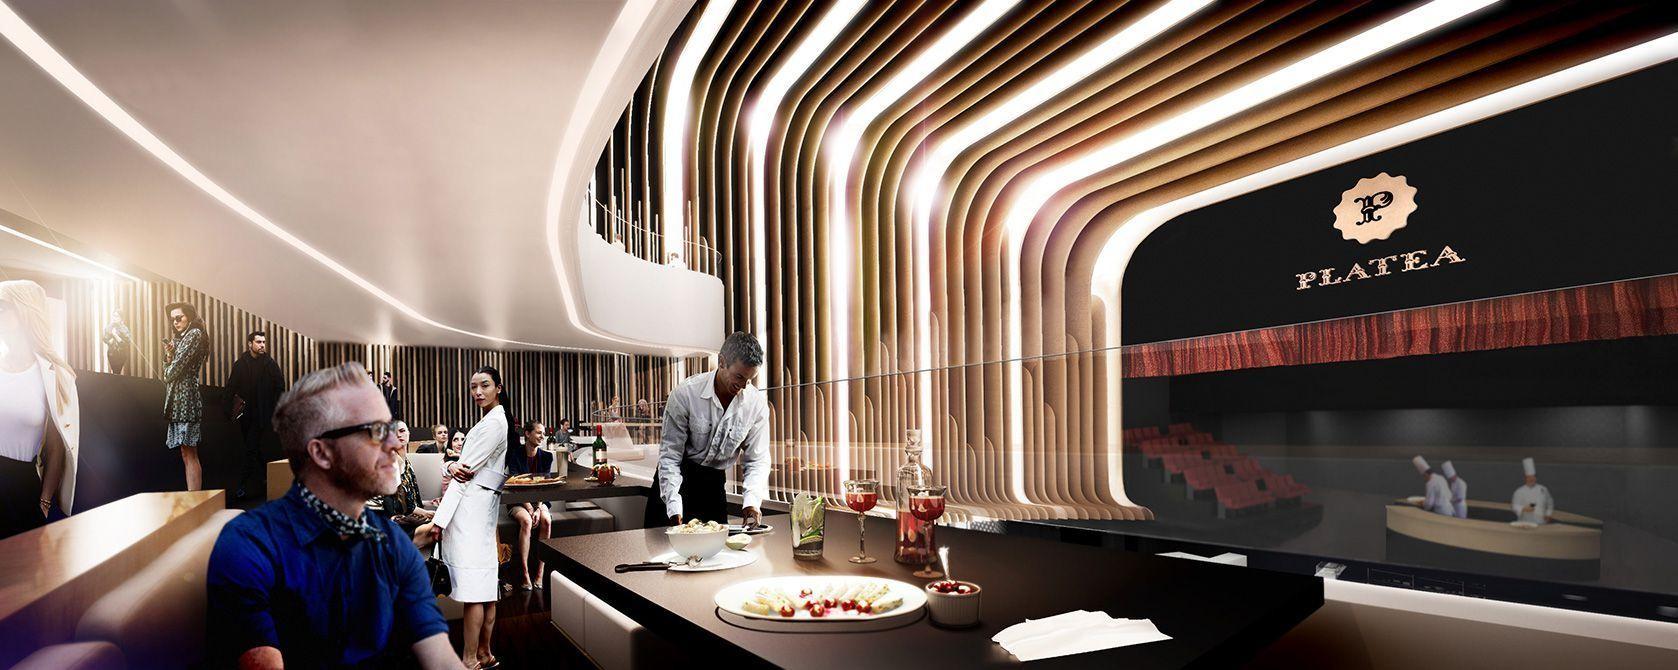 Platea Madrid un espacio gourmet de ocio gastronómico